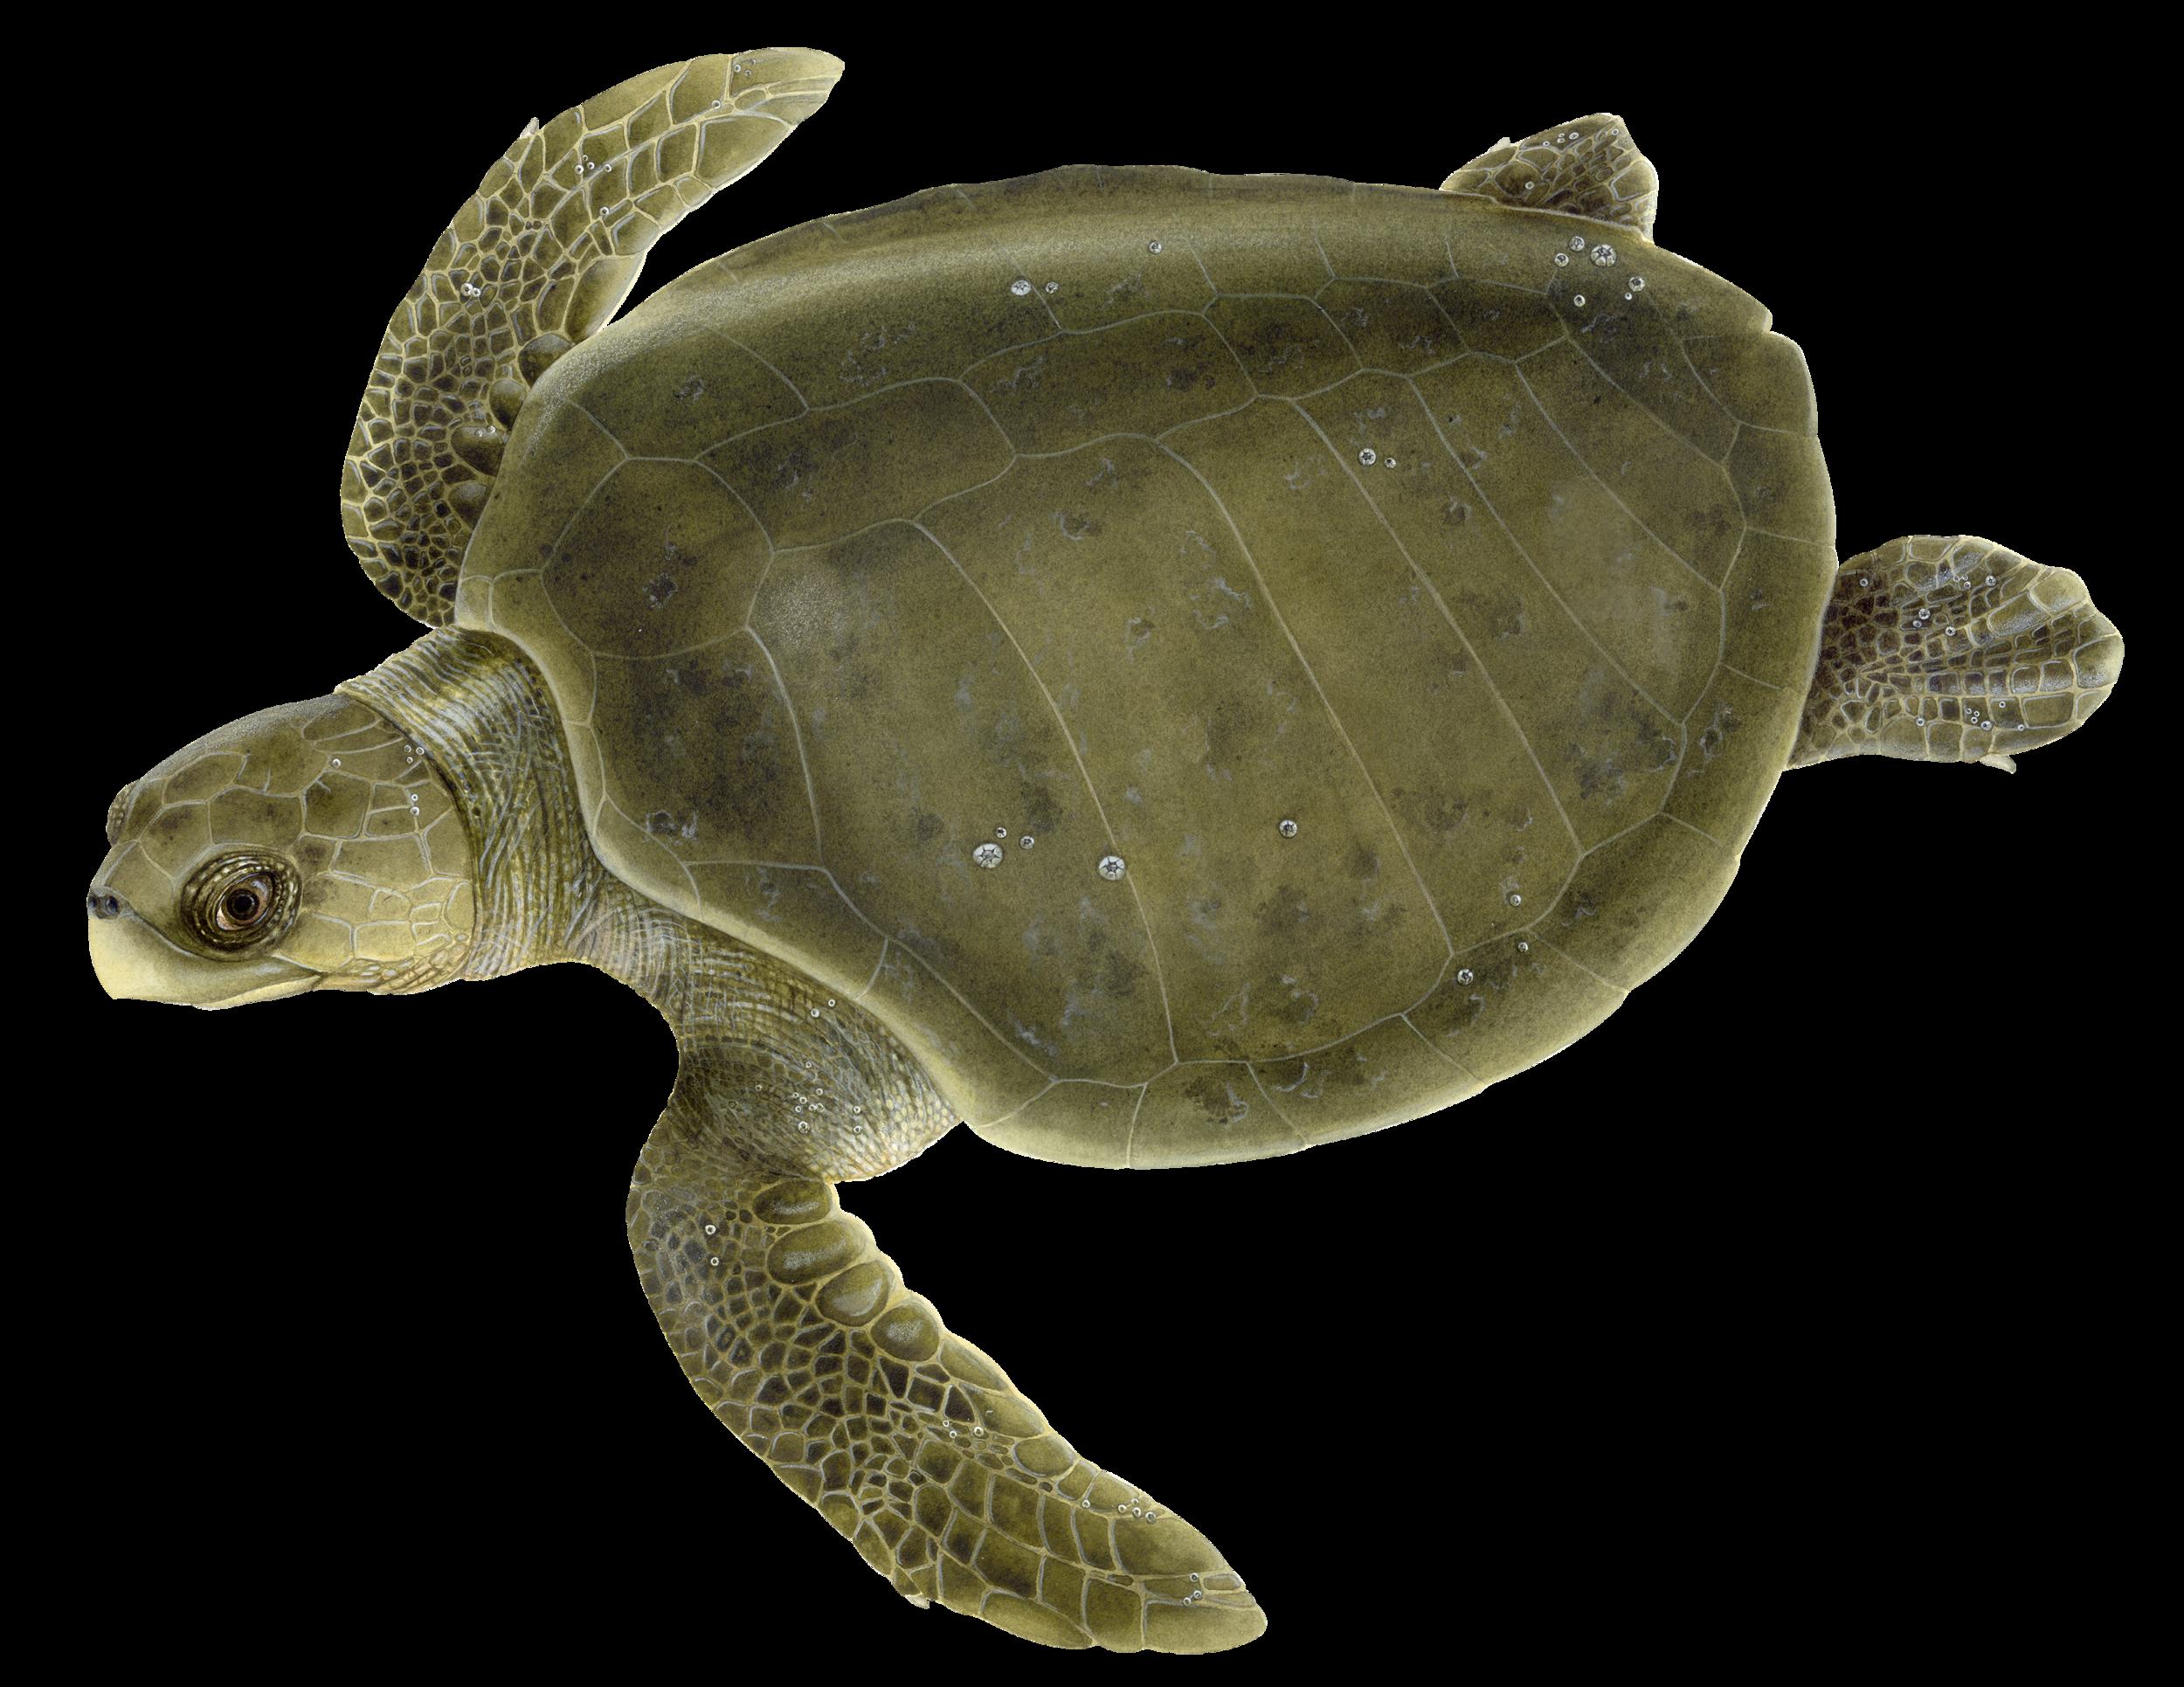 Adult Olive Ridley Sea Turtle